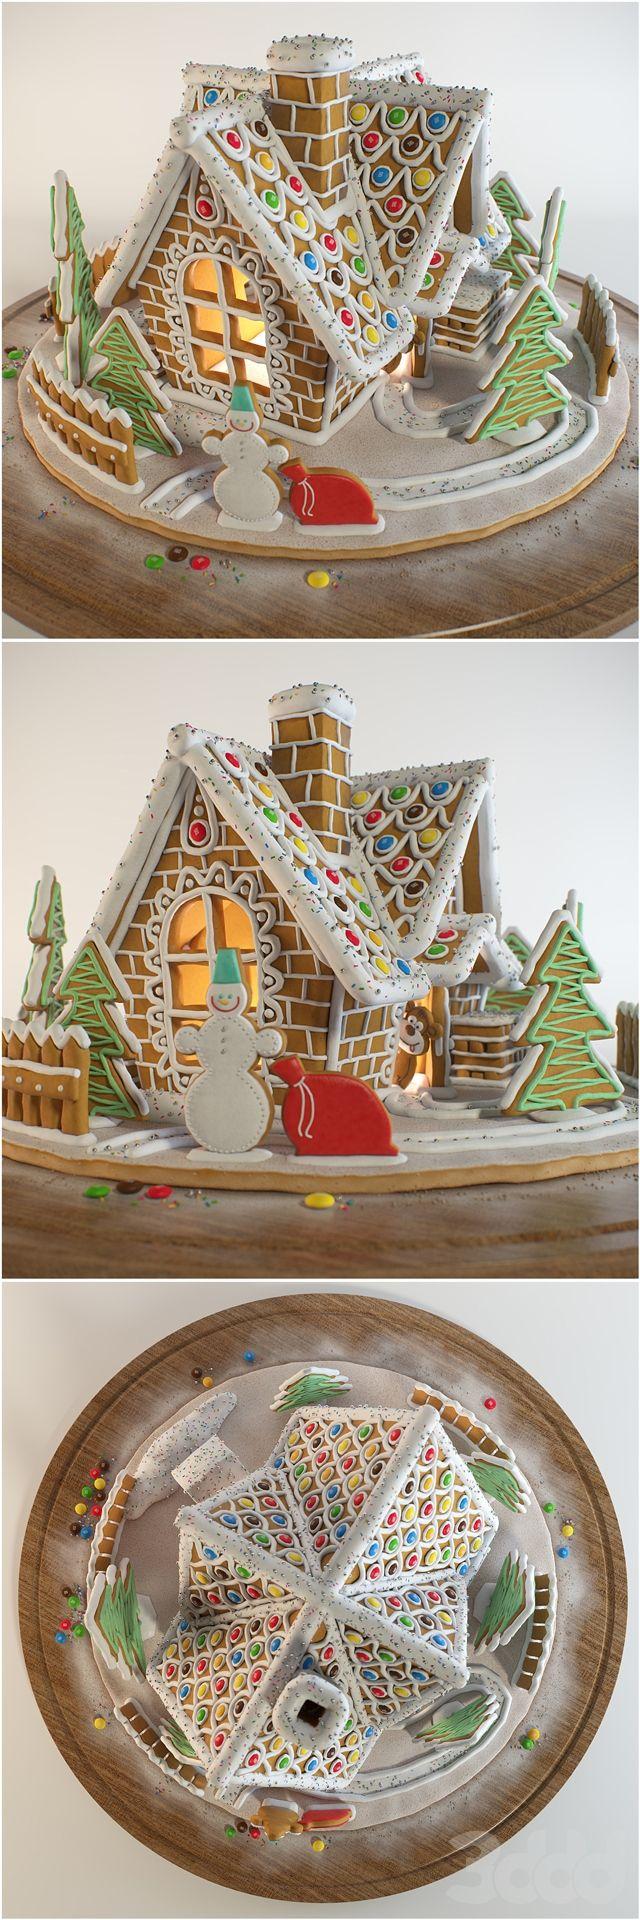 f3d753a319fd53599f0729d20e413a04--gingerbread-cookies-christmas-gingerbread